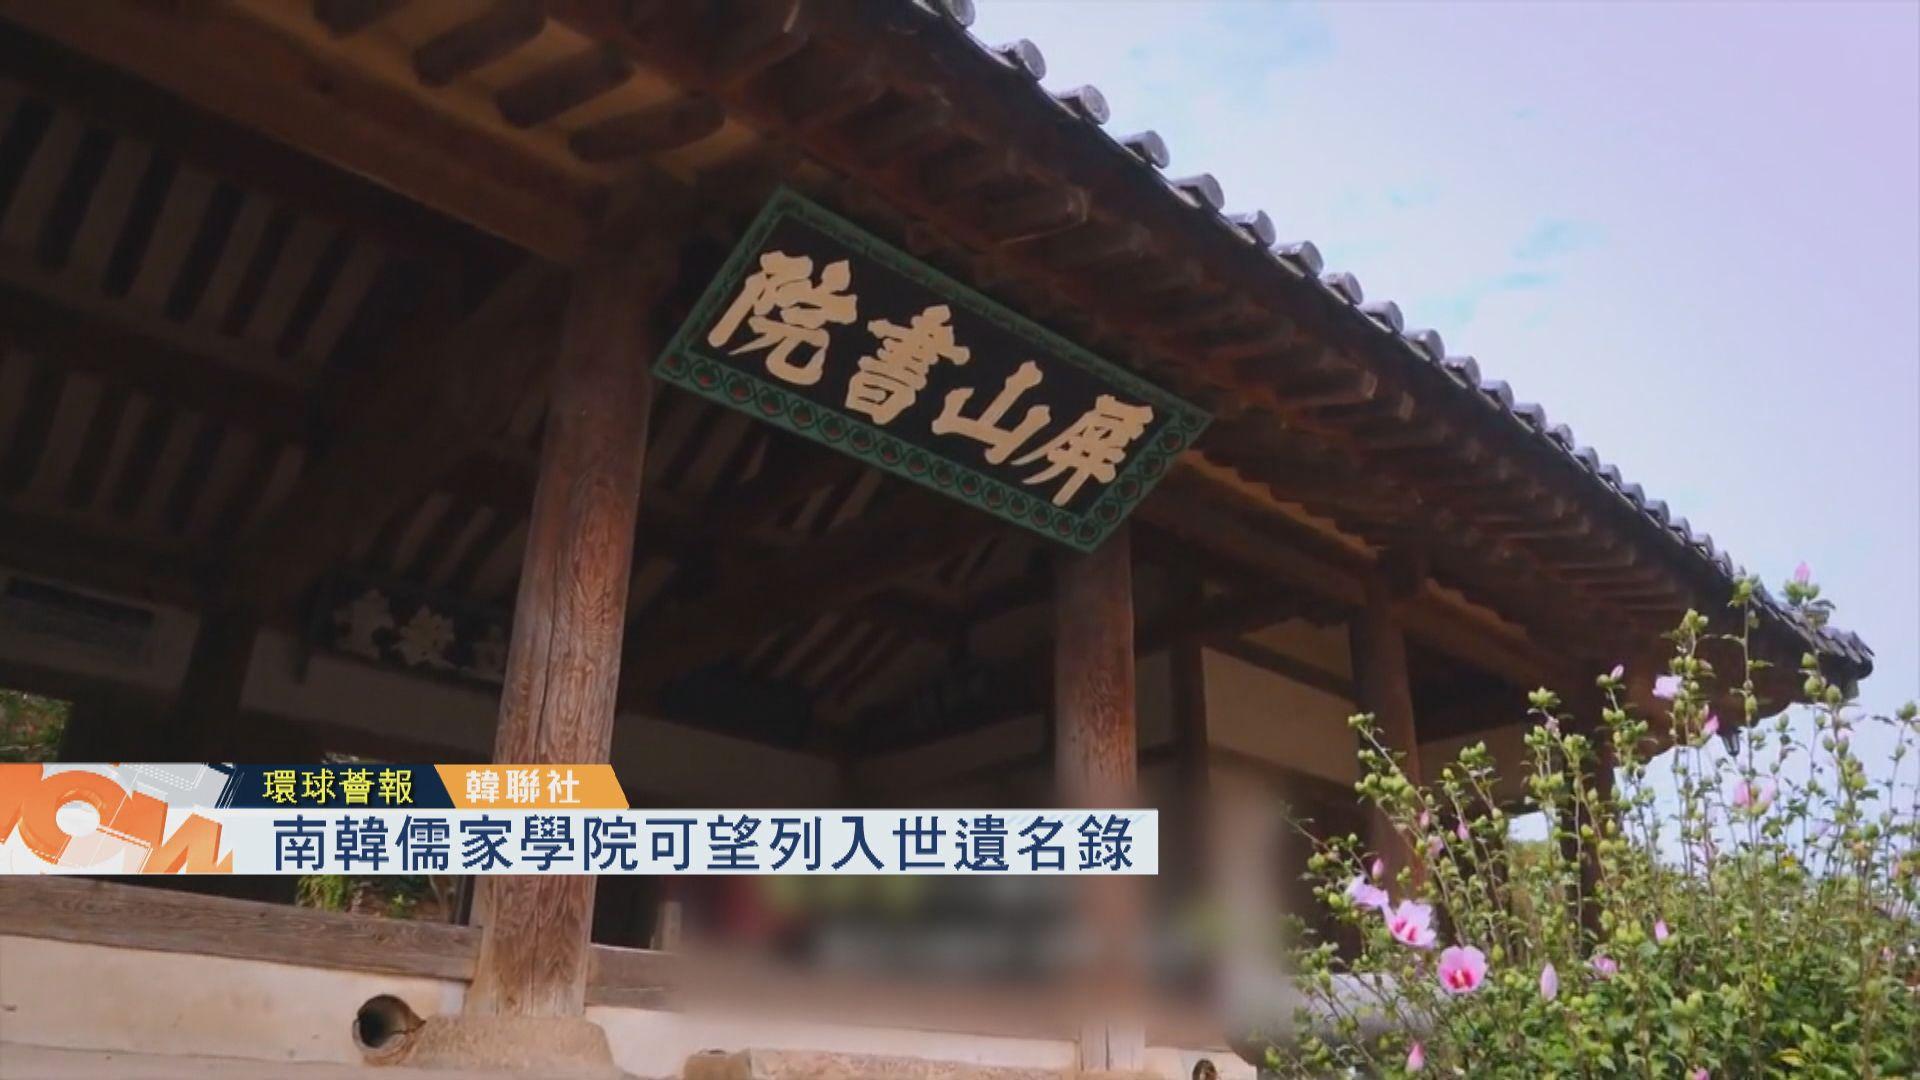 【環球薈報】南韓儒家學院可望列入世遺名錄